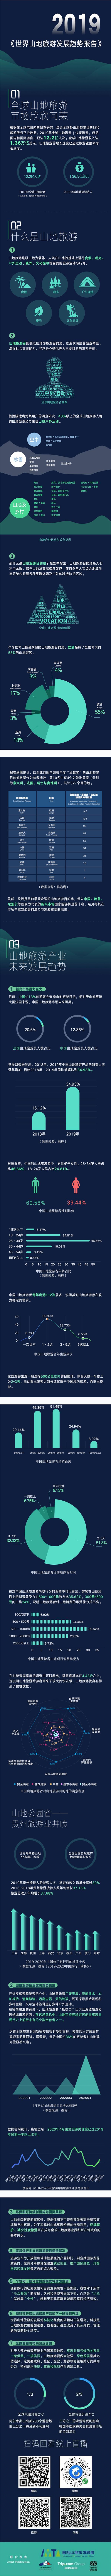 世界山地旅游发展趋势报告(2019)